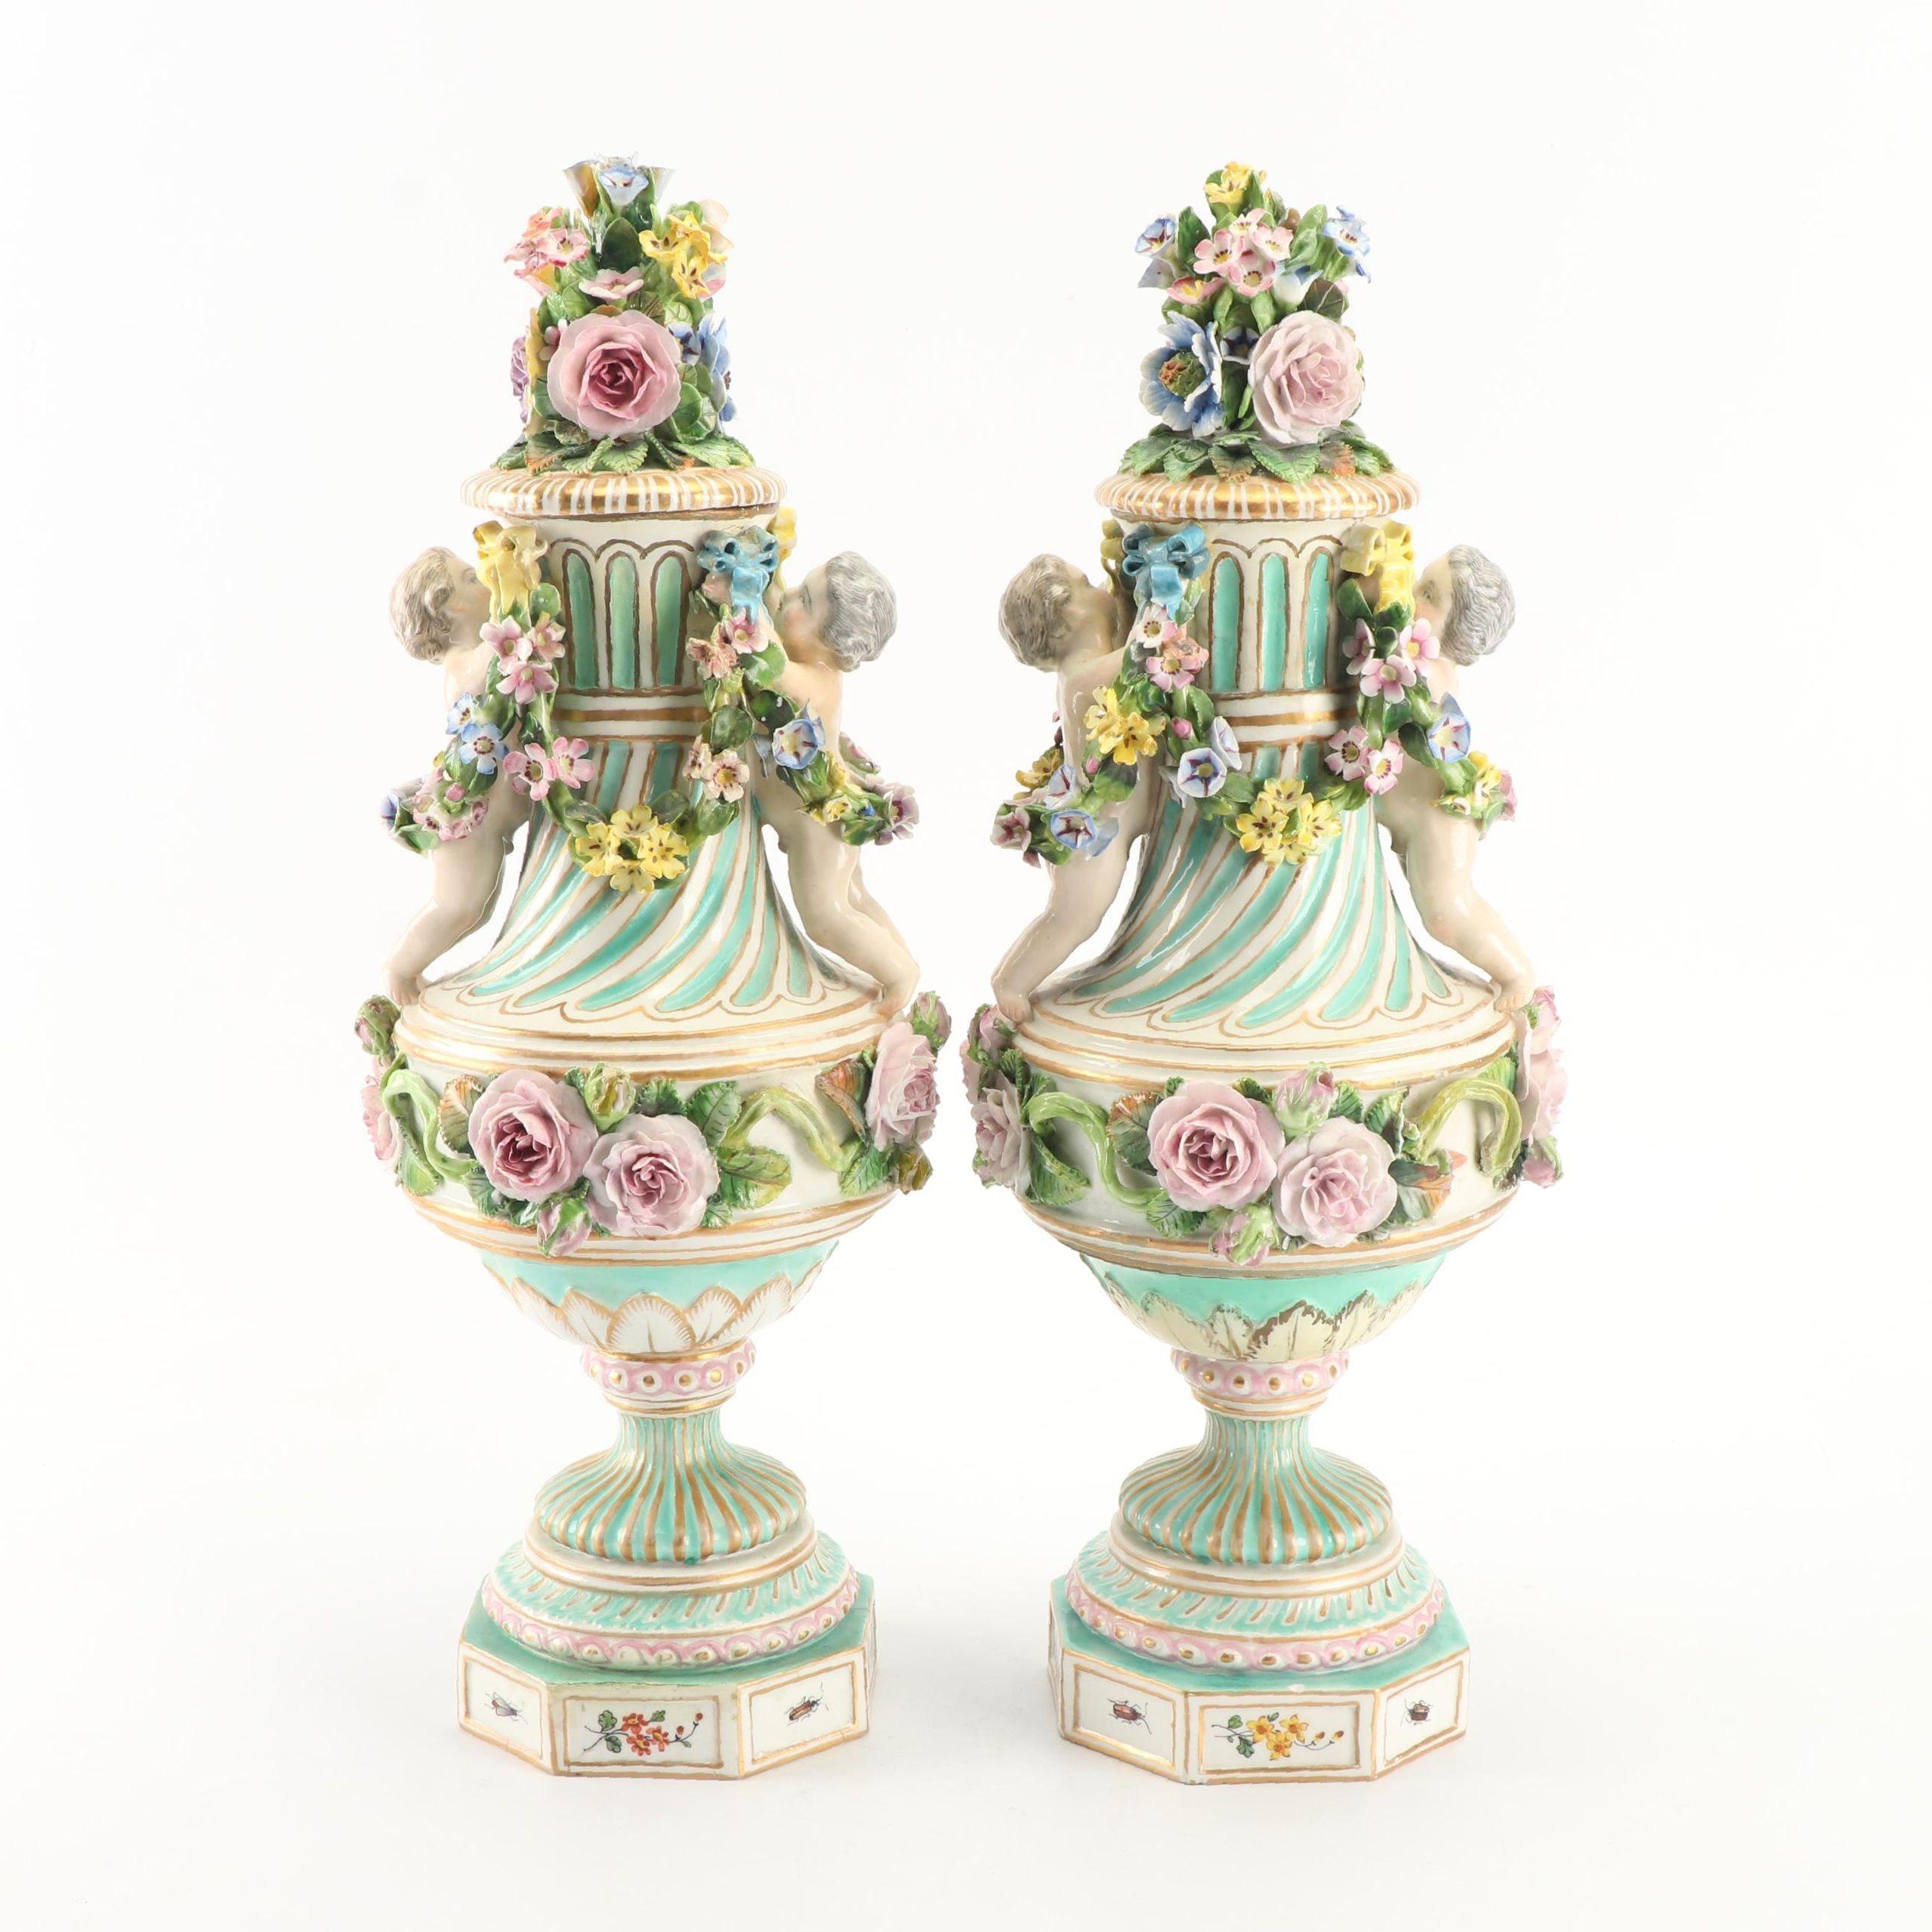 Meissen Style Flower and Cherub Porcelain Mantel Urns